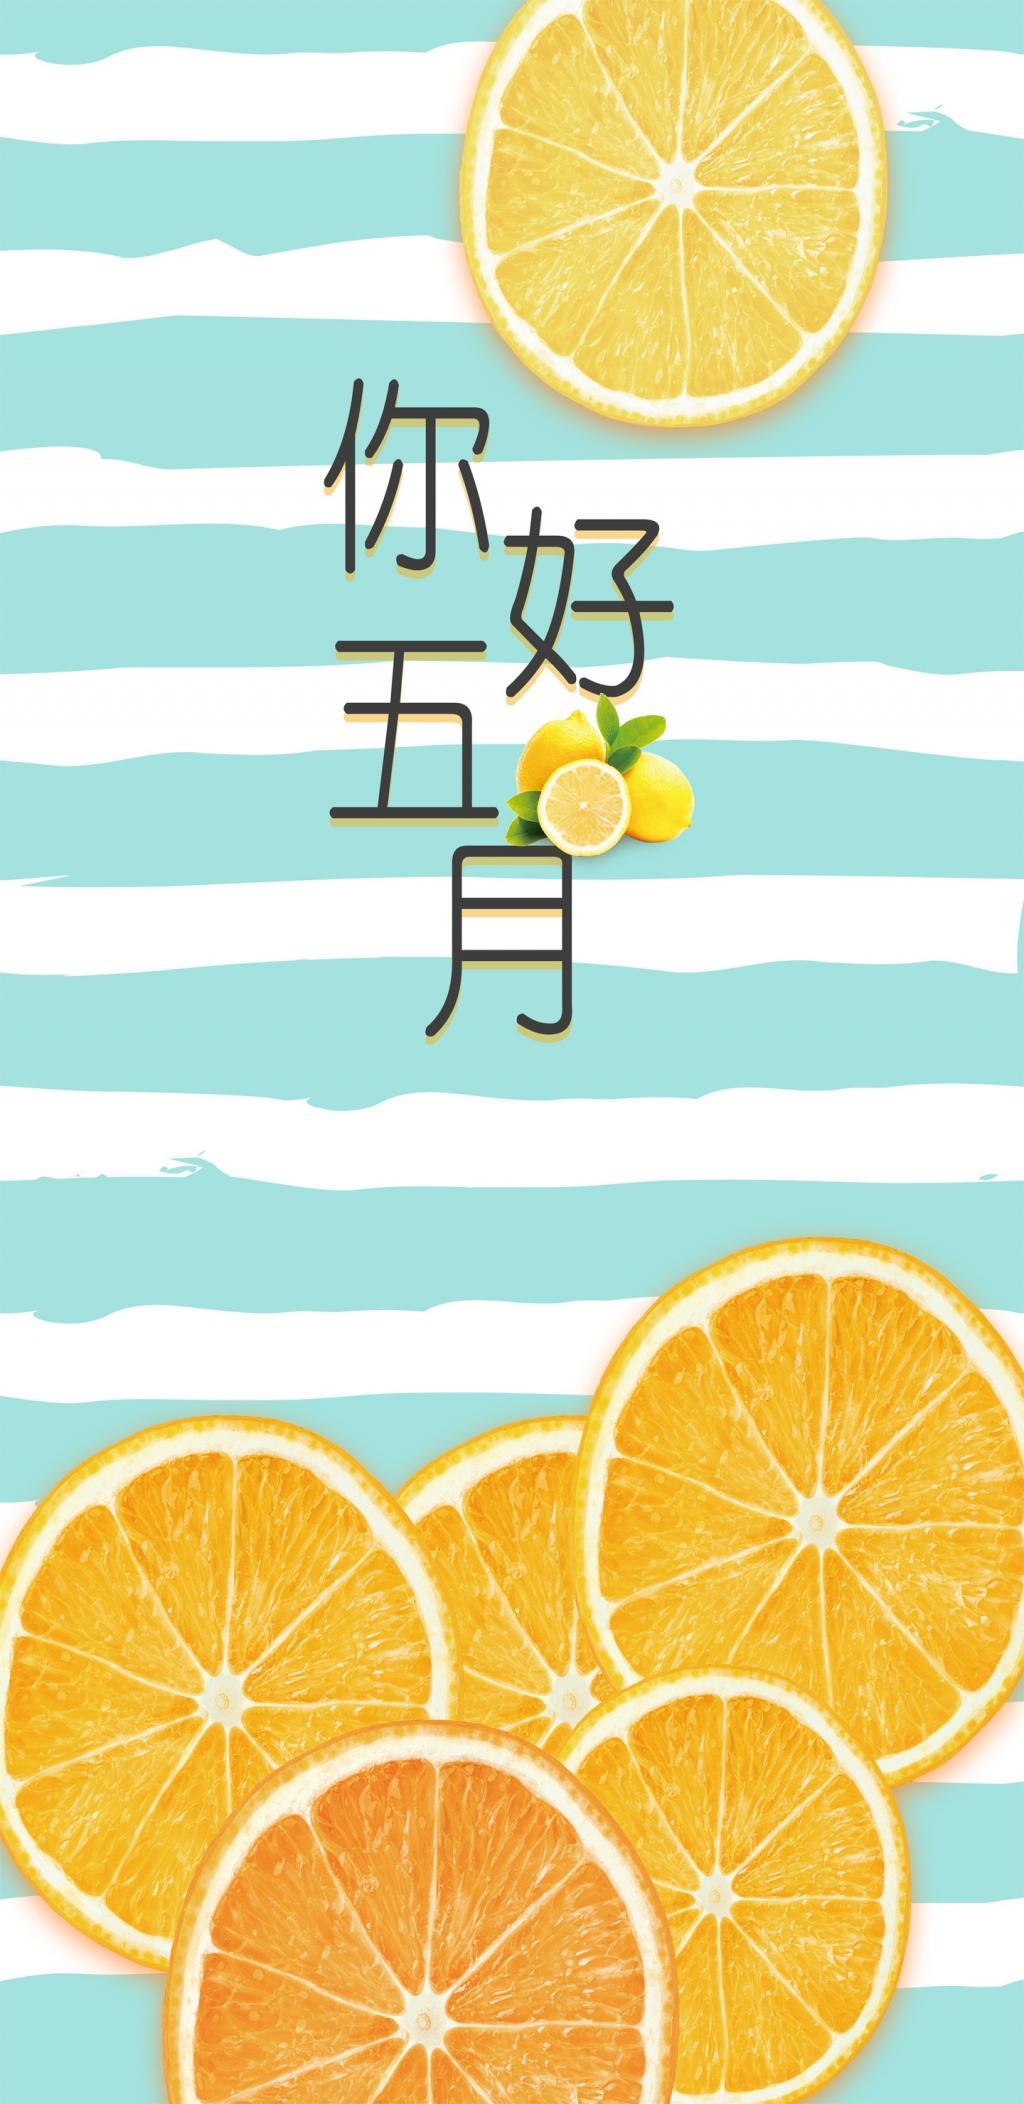 新鮮なレモン夏こんにちは月 ロック画面の画像 Hdの携帯電話の壁紙 Iphone壁紙黒の休日 壁紙